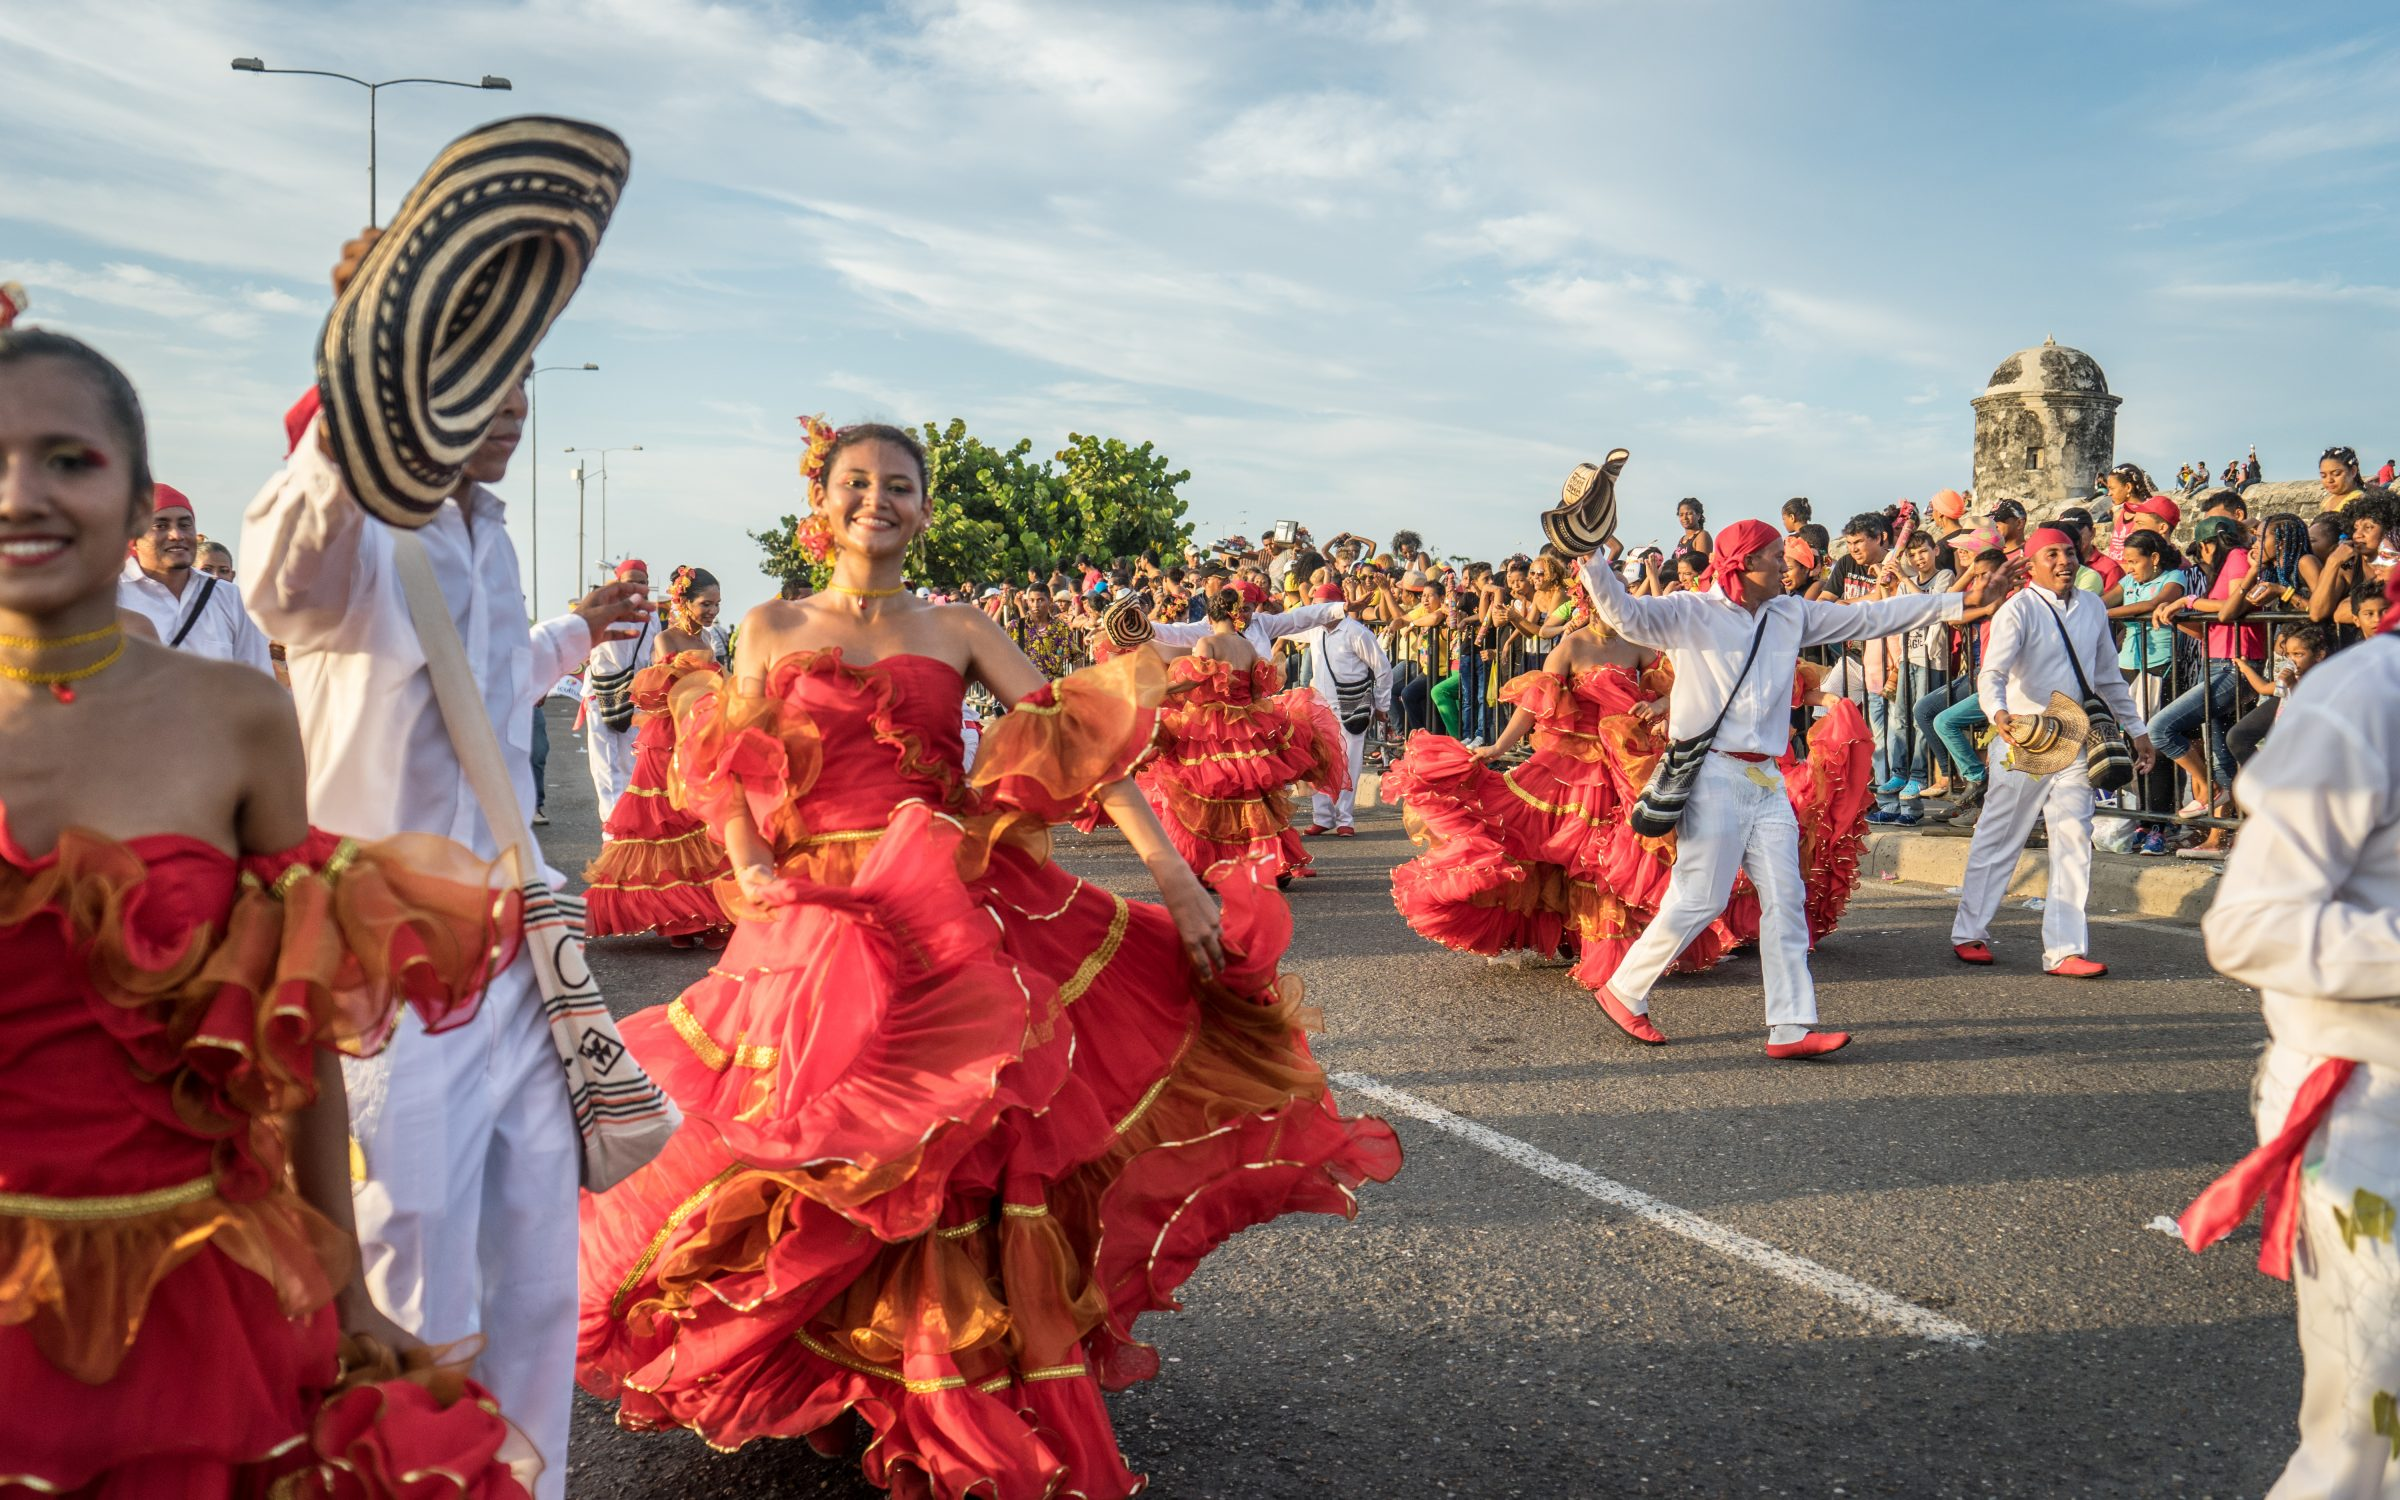 Kolumbia karnawal 2